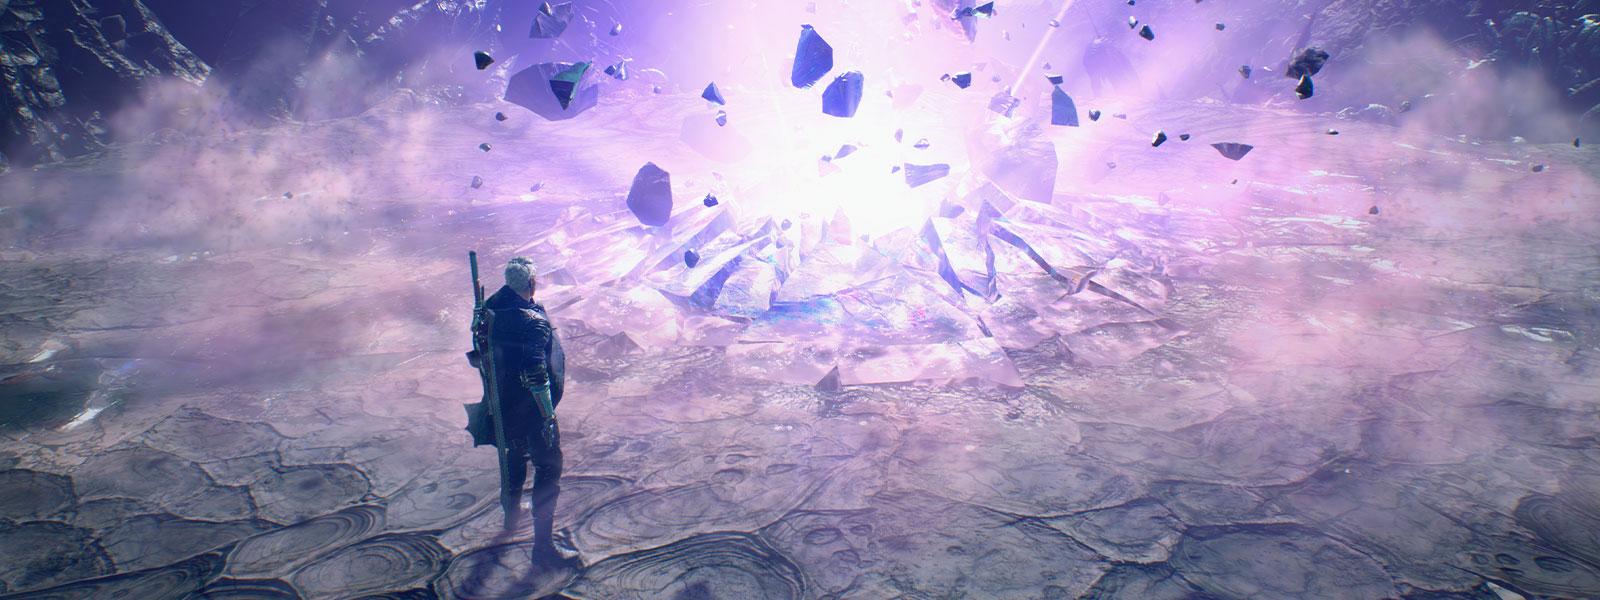 Nero staat naast een grote explosie die een krater slaat